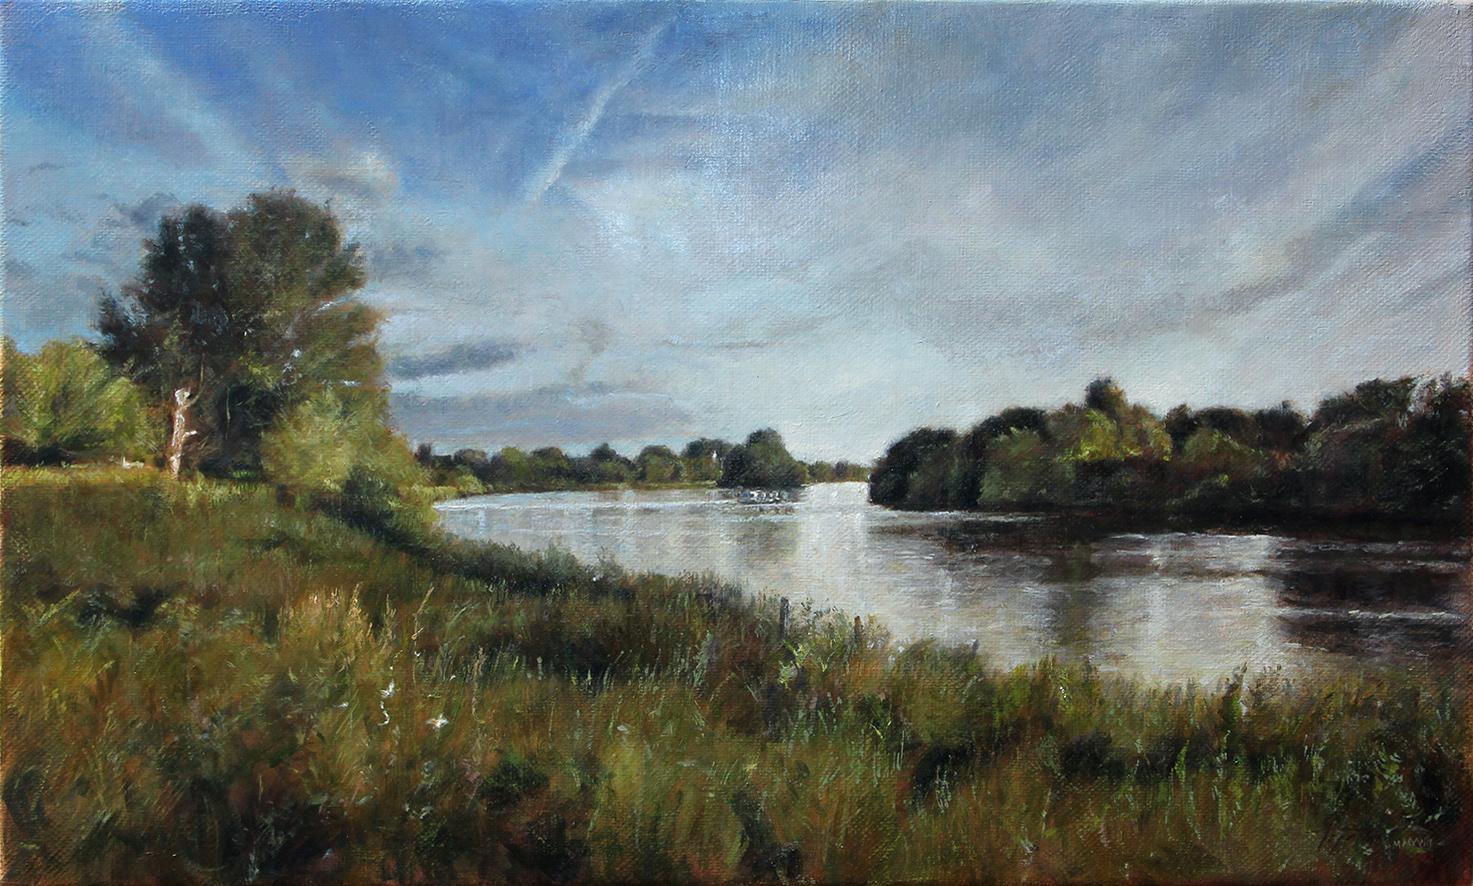 Reka Temza - 30x50cm, 2018. Pejzaž Ulje na platnu umetnik Darko Topalski